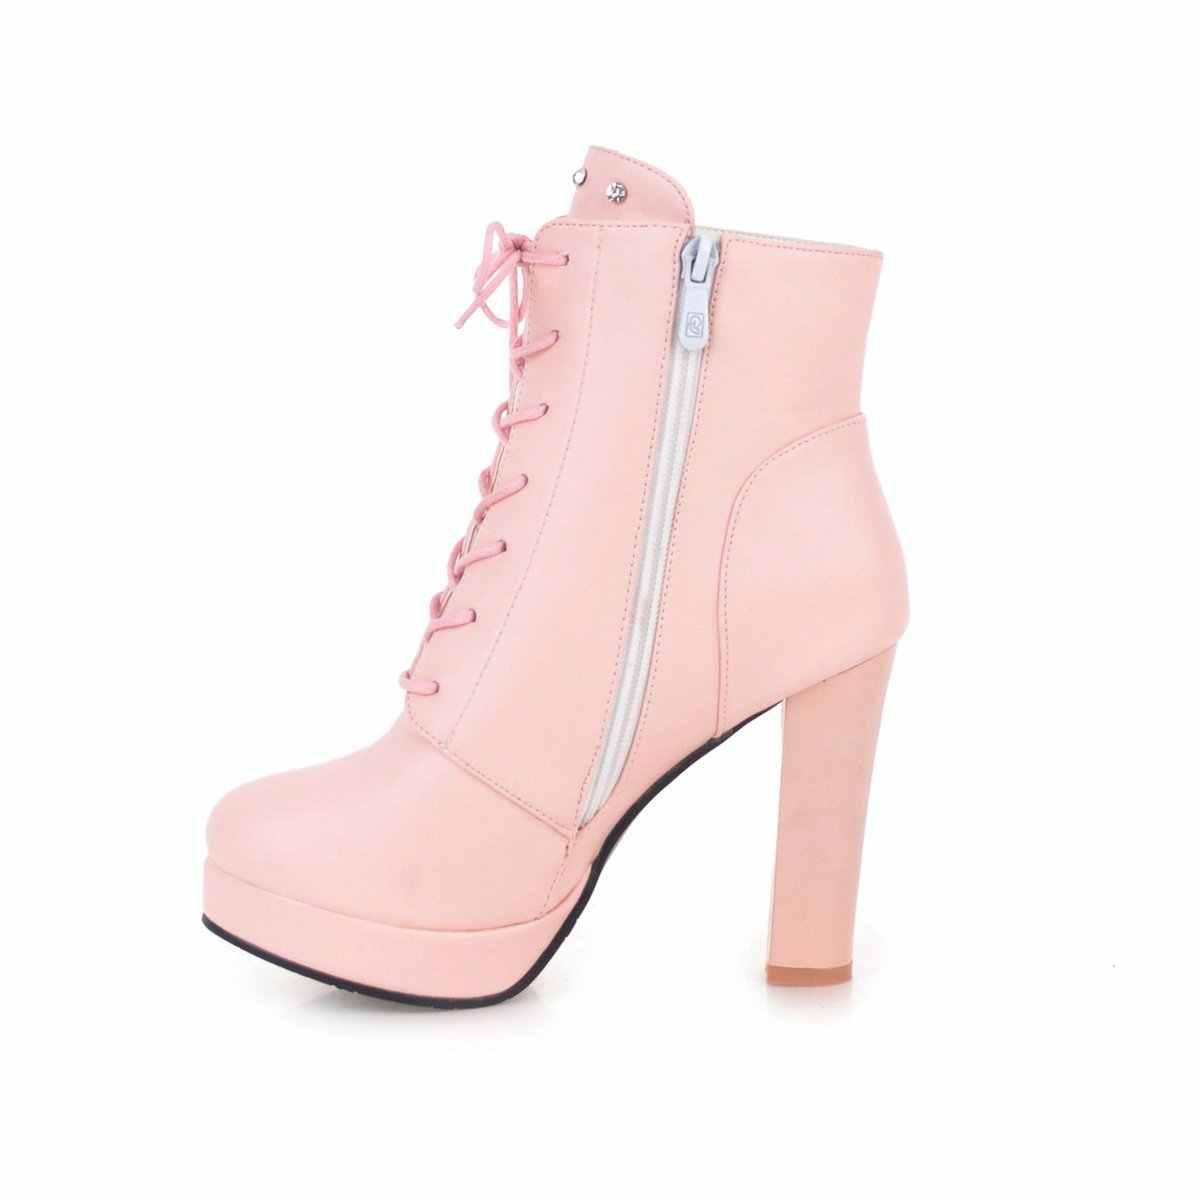 Sevimli pembe beyaz siyah çiçek yarım çizmeler kadın blok yüksek topuklu çizmeler Lace Up bayanlar çizmeler yuvarlak ayak sonbahar kış çizmeler